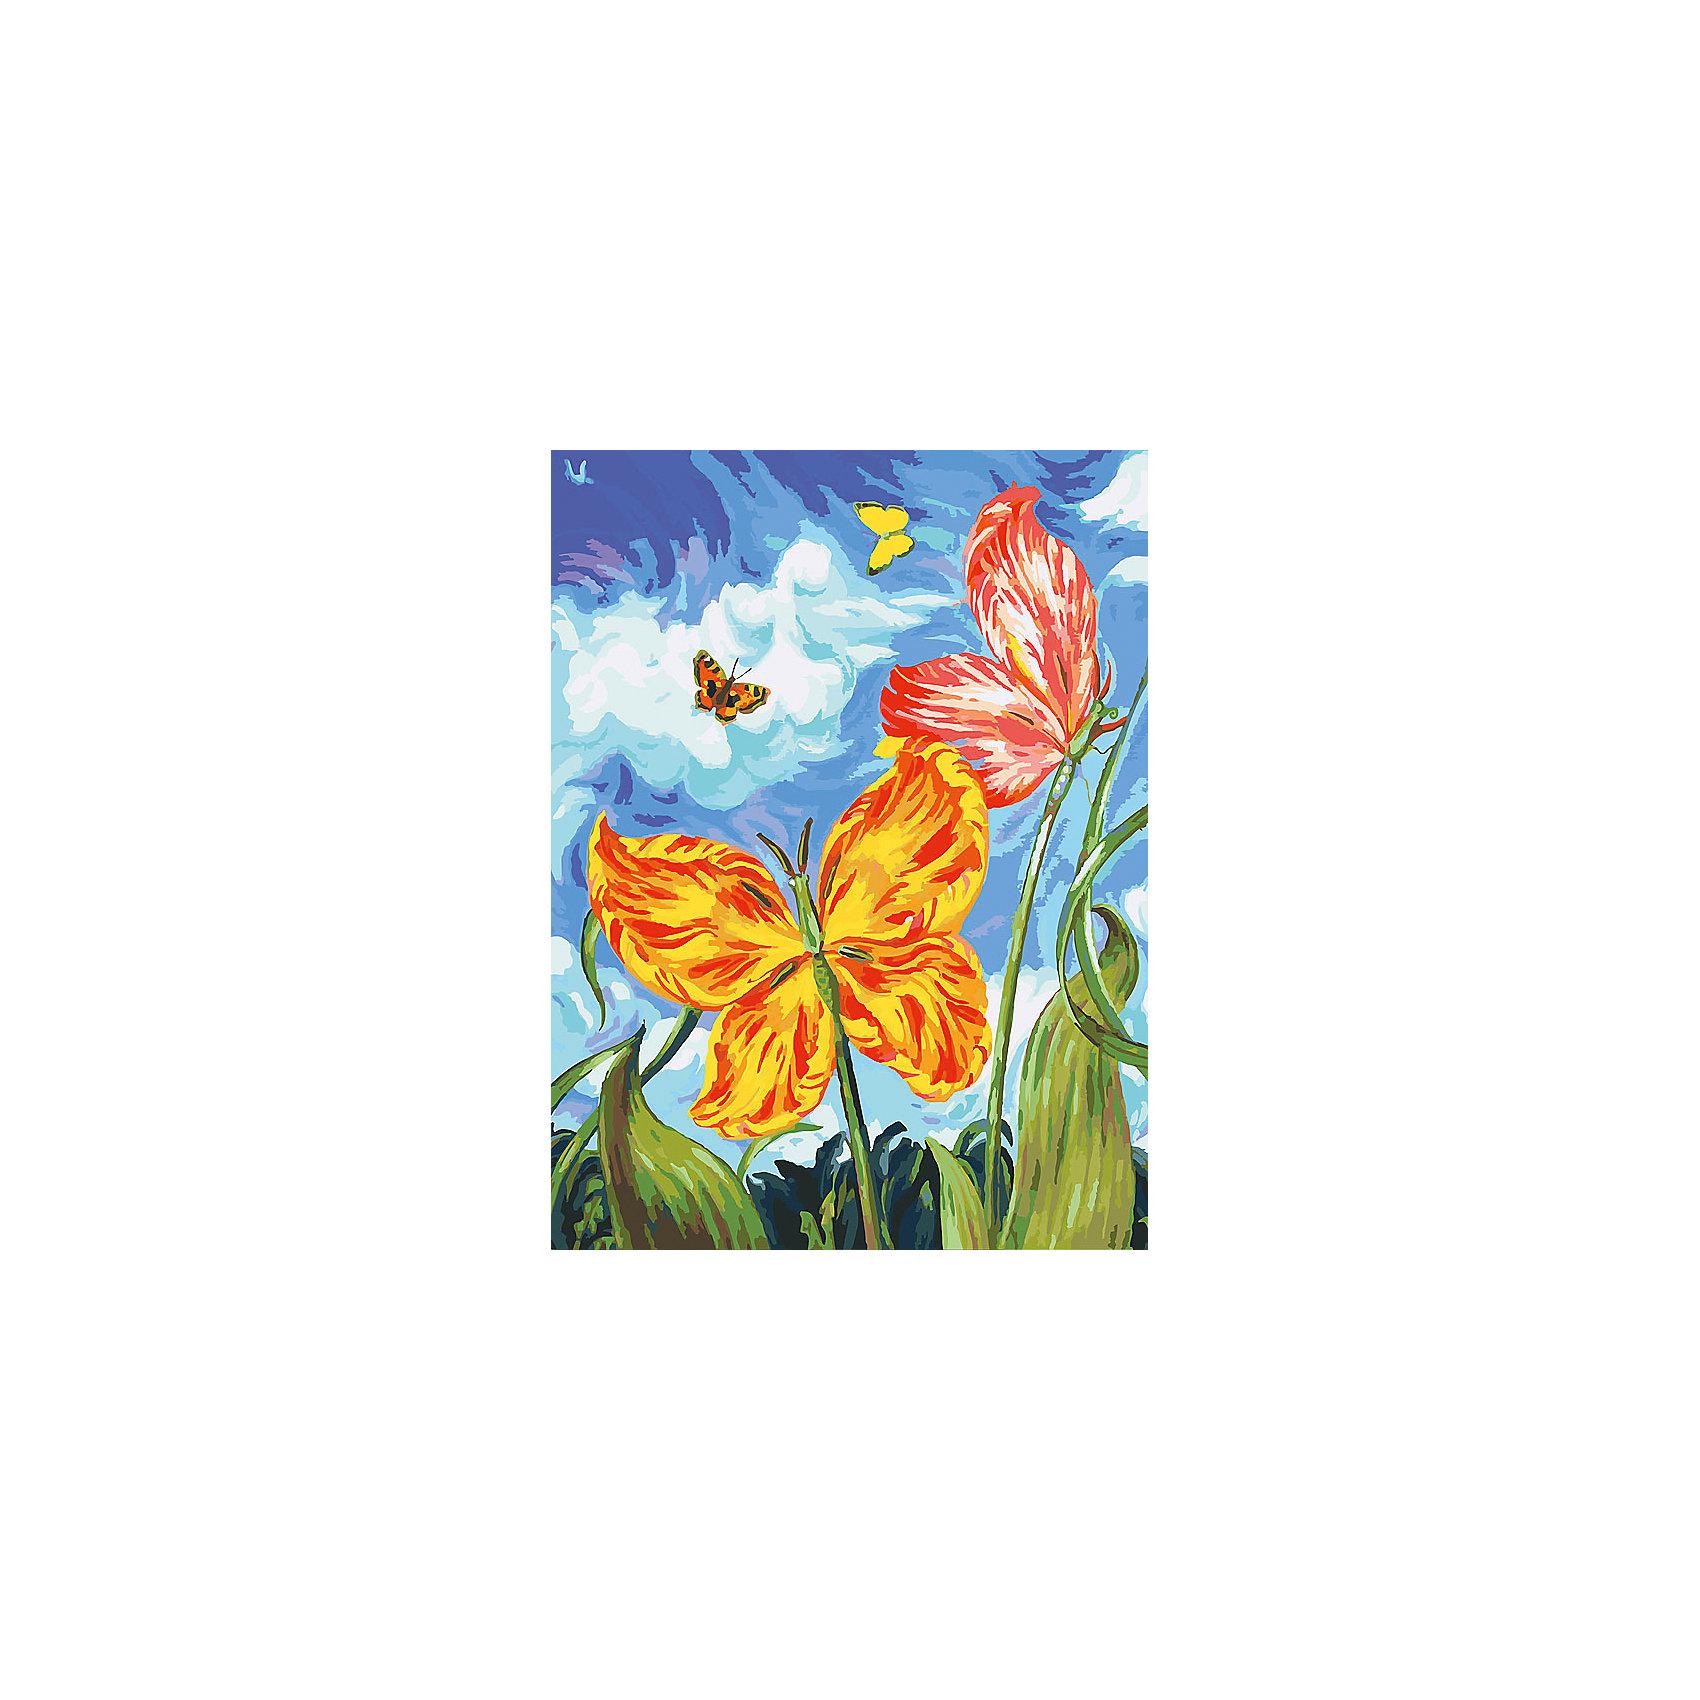 Живопись на холсте Бабочки, 30*40 смЖивопись на холсте Бабочки, 30*40 см<br><br>Характеристики:<br><br>• Вес: 567<br>• Размер: 30х40<br>• Краски: акриловые, быстросохнущие<br>• Количество цветов: 40<br>• В наборе: холст на подрамнике, настенное крепление, контрольный лист с рисунком, 40 красок, 3 кисти<br><br>Данный набор позволит любому человеку ощутить себя профессиональным художником. В комплект входит холст с нанесенным на него рисунком по номерам, акриловые краски на водной основе, специальный контрольный лист, предотвращающий ошибки и 3 удобные кисти разных размеров. <br><br>Рисовать на холсте очень удобно, а благодаря номерам на картине и баночках с краской - это совсем просто. Цвета ложатся ровным слоем, перекрывая нанесенный рисунок. Если вы боитесь, что где-то ошиблись – приложите контрольный лист, который полностью повторяет схему. Акриловые краски совершенно безопасны и не имеют запаха. А благодаря настенному креплению вы сможете повесить готовую работу.<br><br><br>Живопись на холсте Бабочки, 30*40 см можно купить в нашем интернет-магазине.<br><br>Ширина мм: 410<br>Глубина мм: 310<br>Высота мм: 250<br>Вес г: 567<br>Возраст от месяцев: 72<br>Возраст до месяцев: 2147483647<br>Пол: Унисекс<br>Возраст: Детский<br>SKU: 5500370